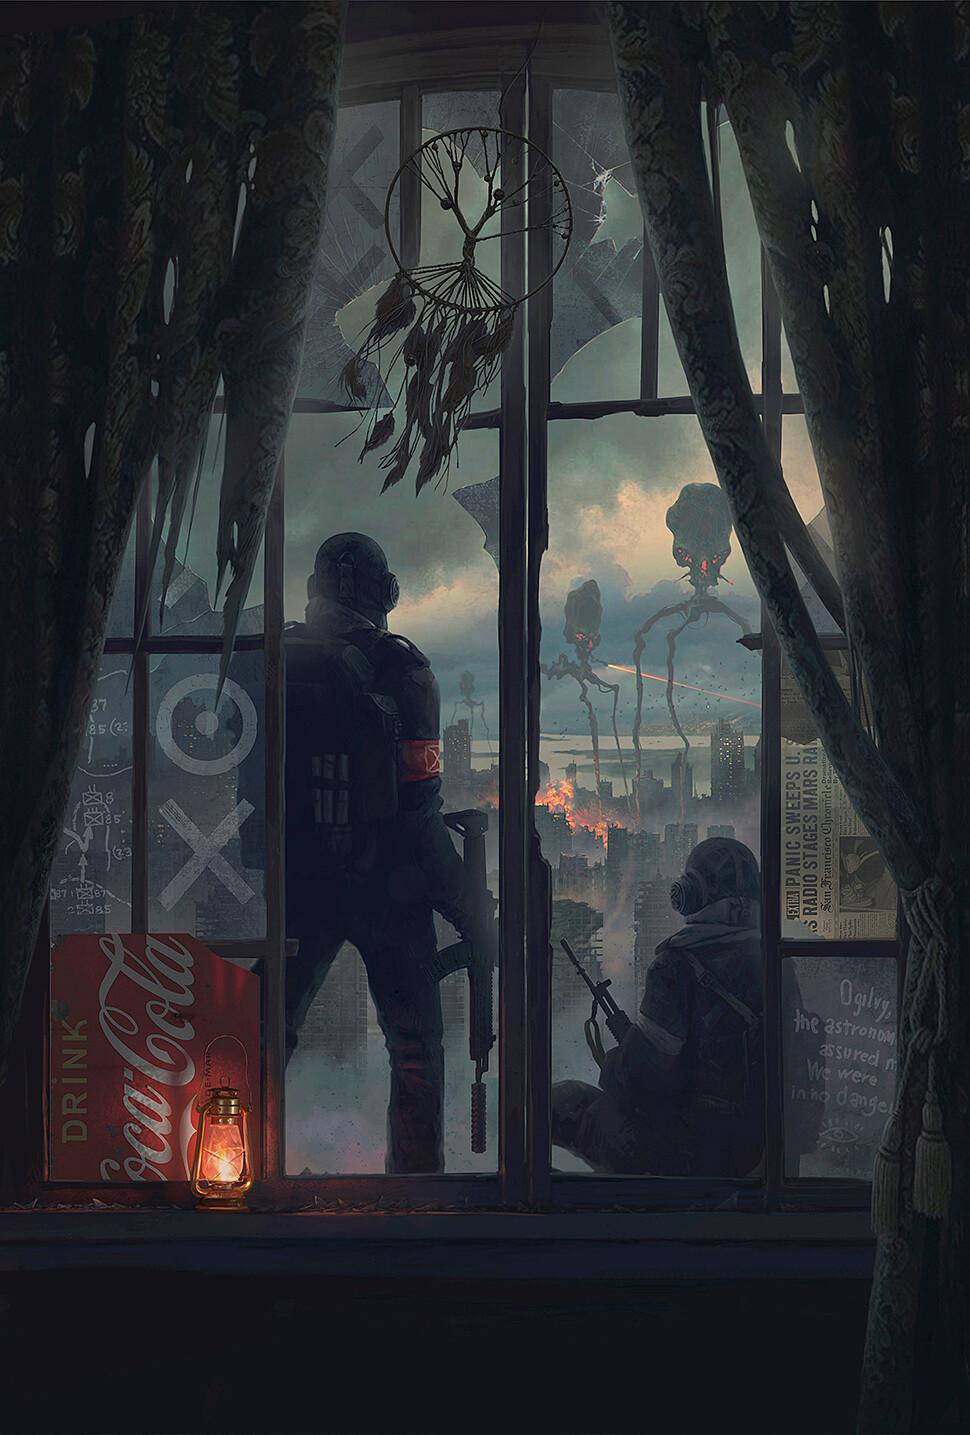 Alexey Egorov Digital Art Fantasy Art Dreamcatcher Alien Attack Lantern Newspapers War Of The Worlds 970x1435